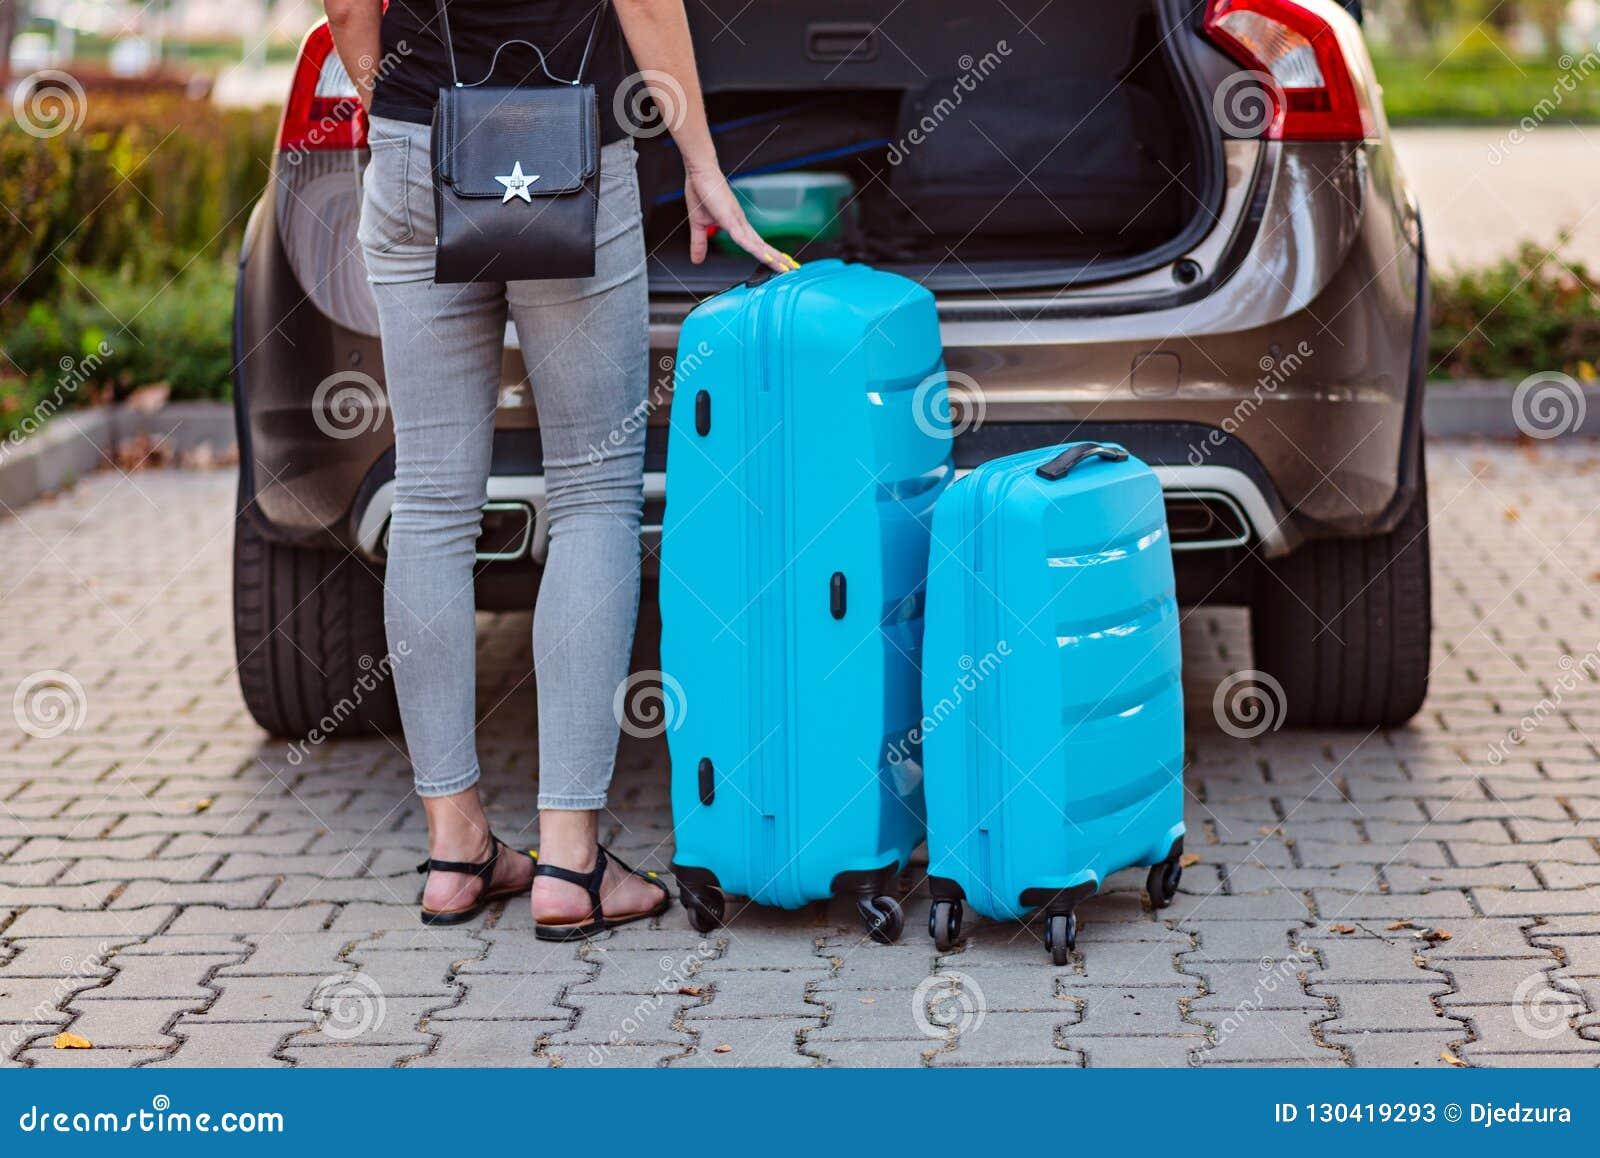 投入两个蓝色塑料手提箱的妇女对车厢